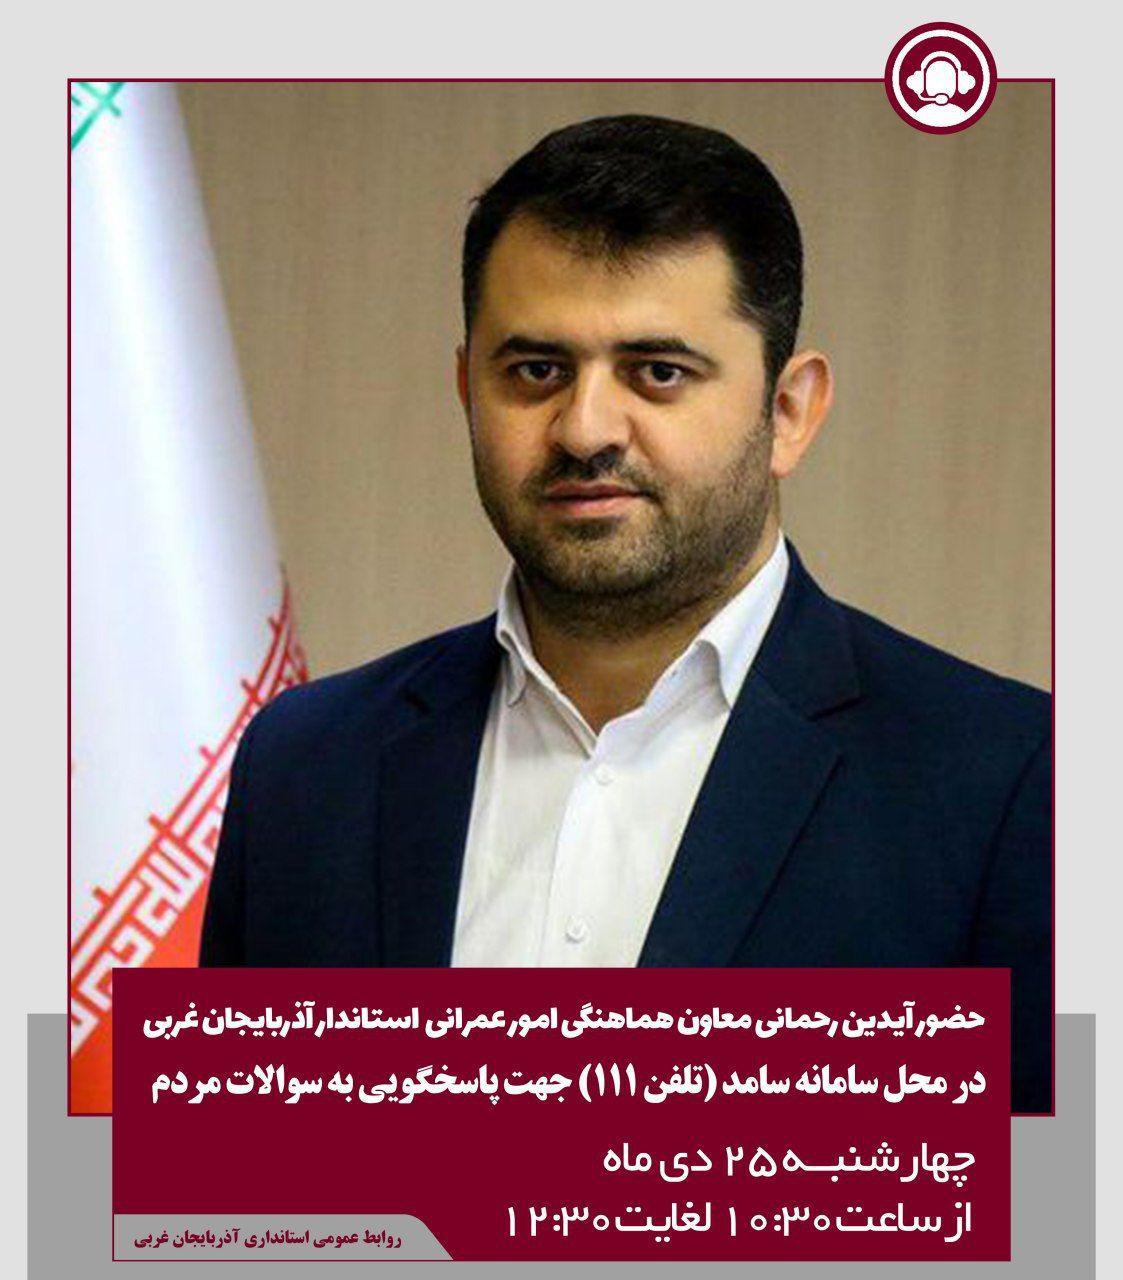 حضور معاون هماهنگی امور عمرانی استاندار آذربایجان غربی در سامانه سامد برای پاسخگویی به سوالات شهروندان